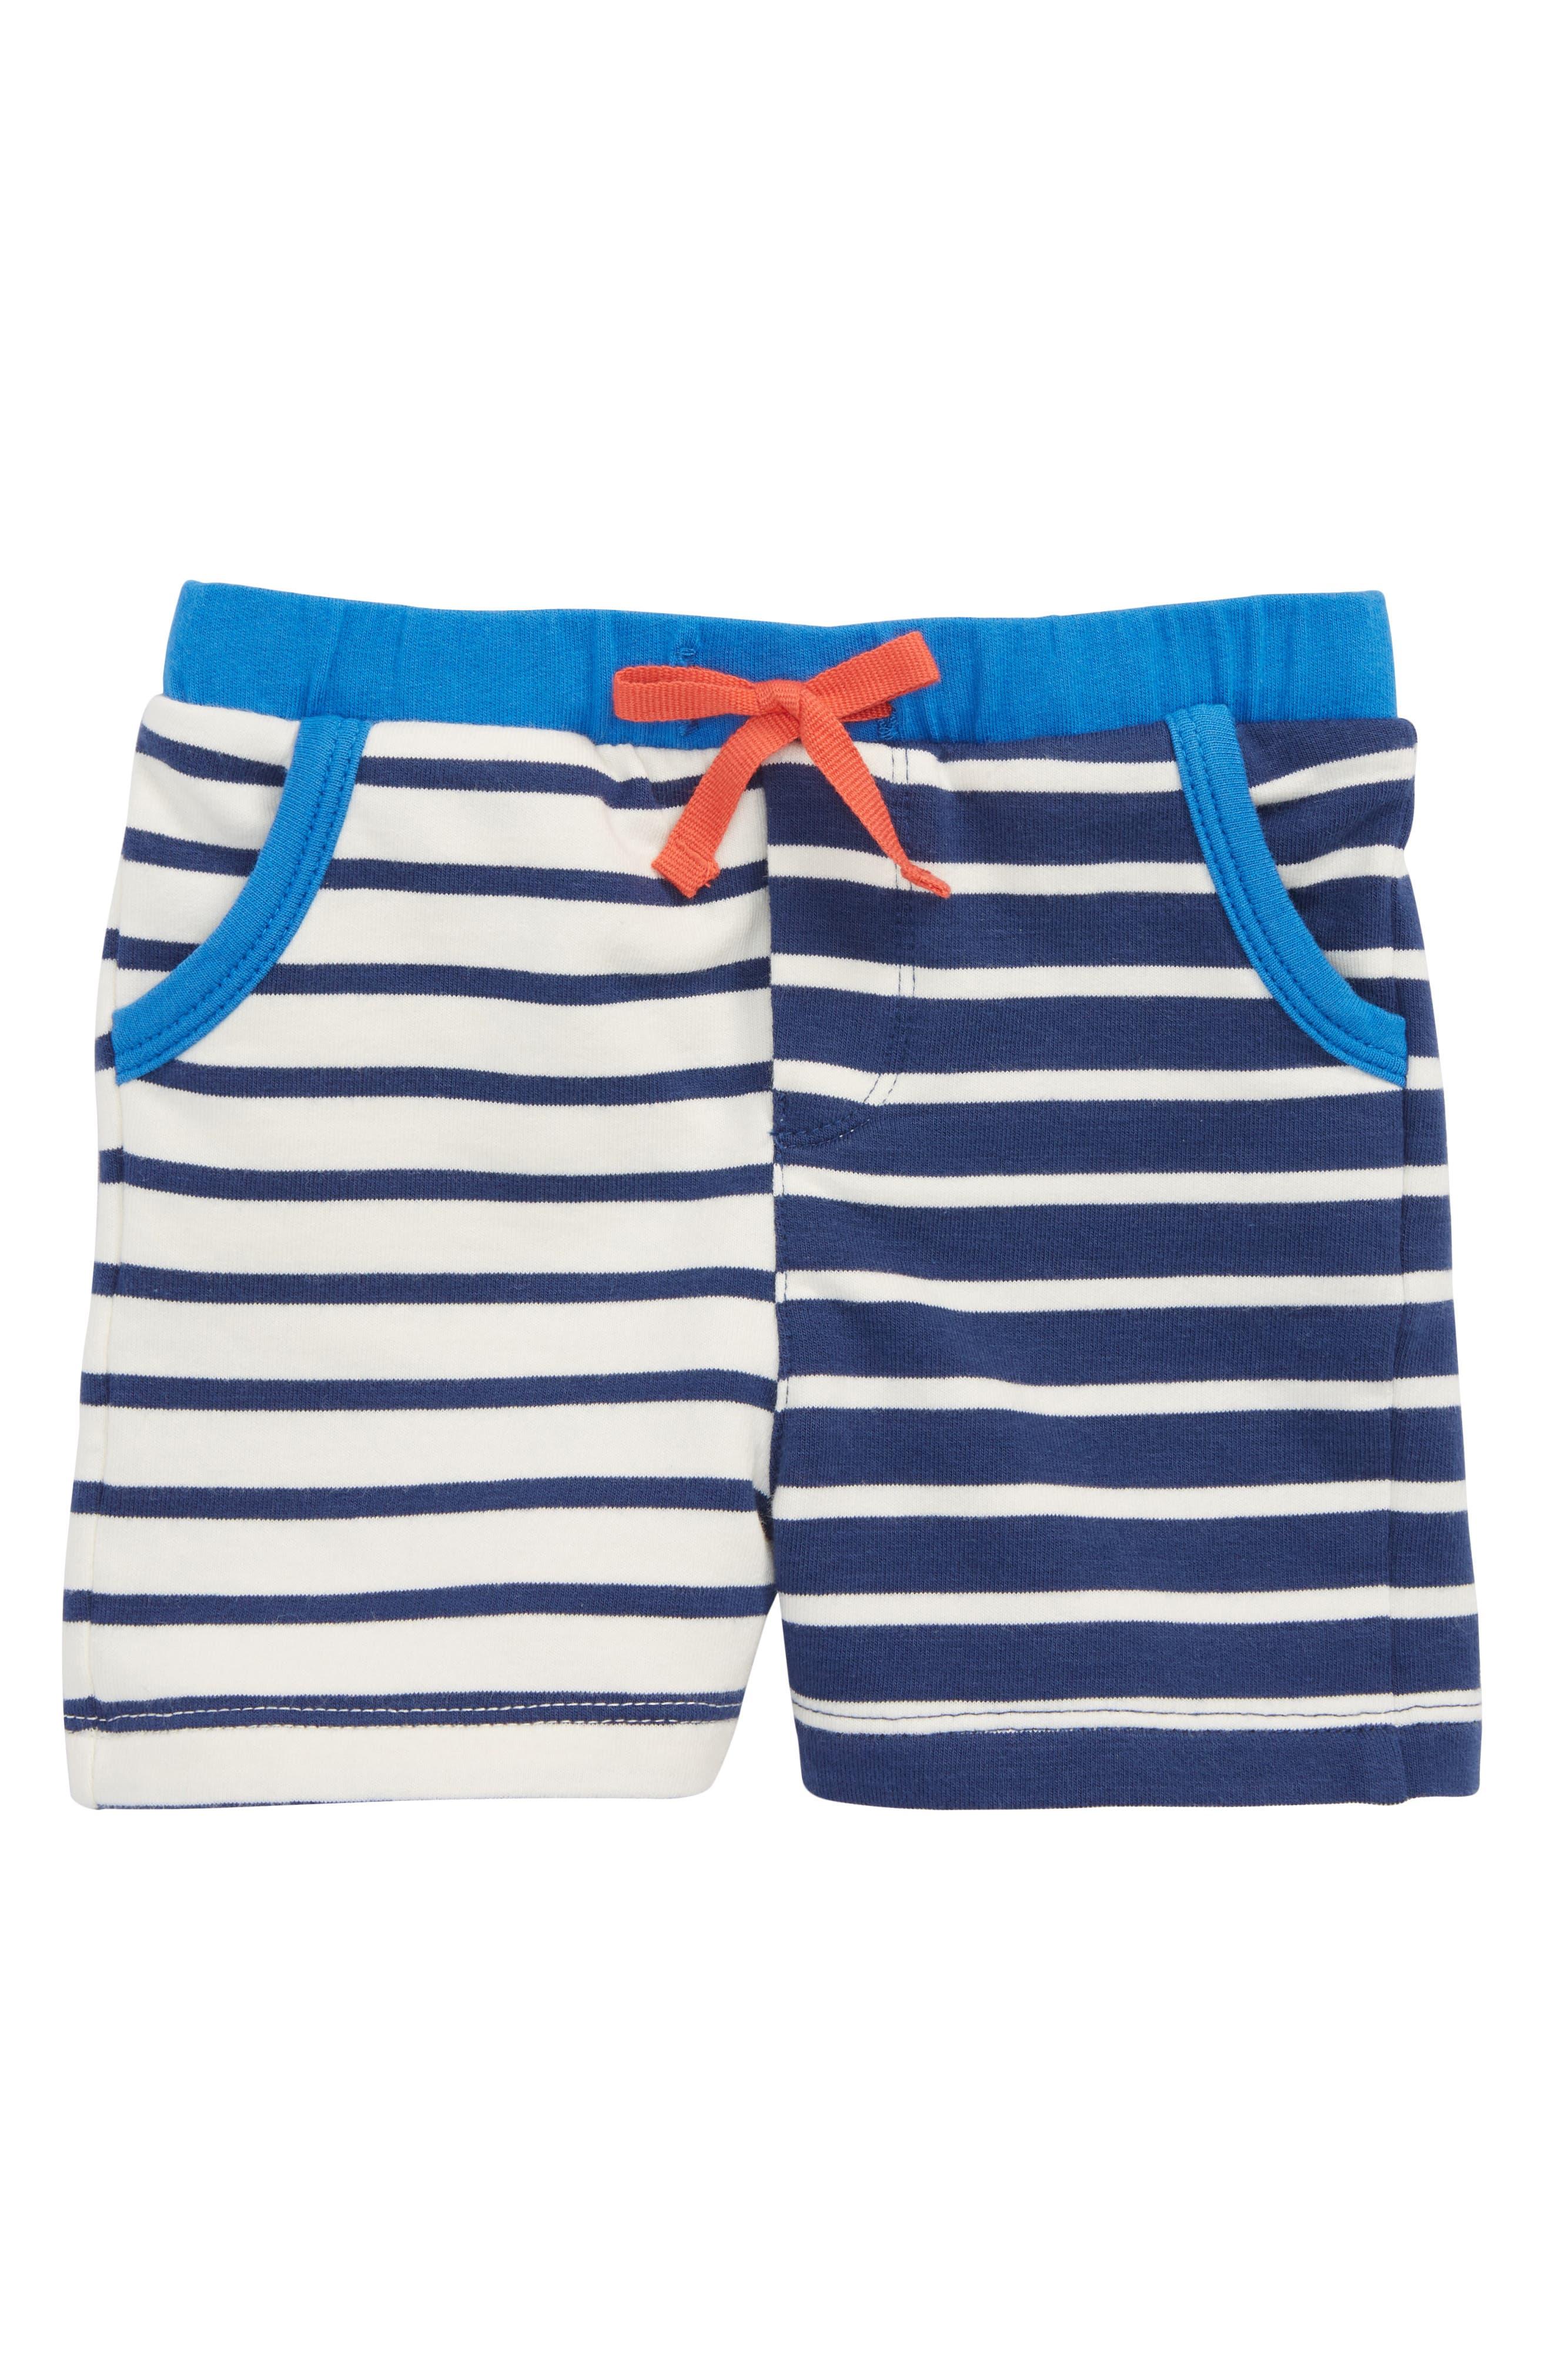 Jersey Shorts,                             Main thumbnail 1, color,                             414